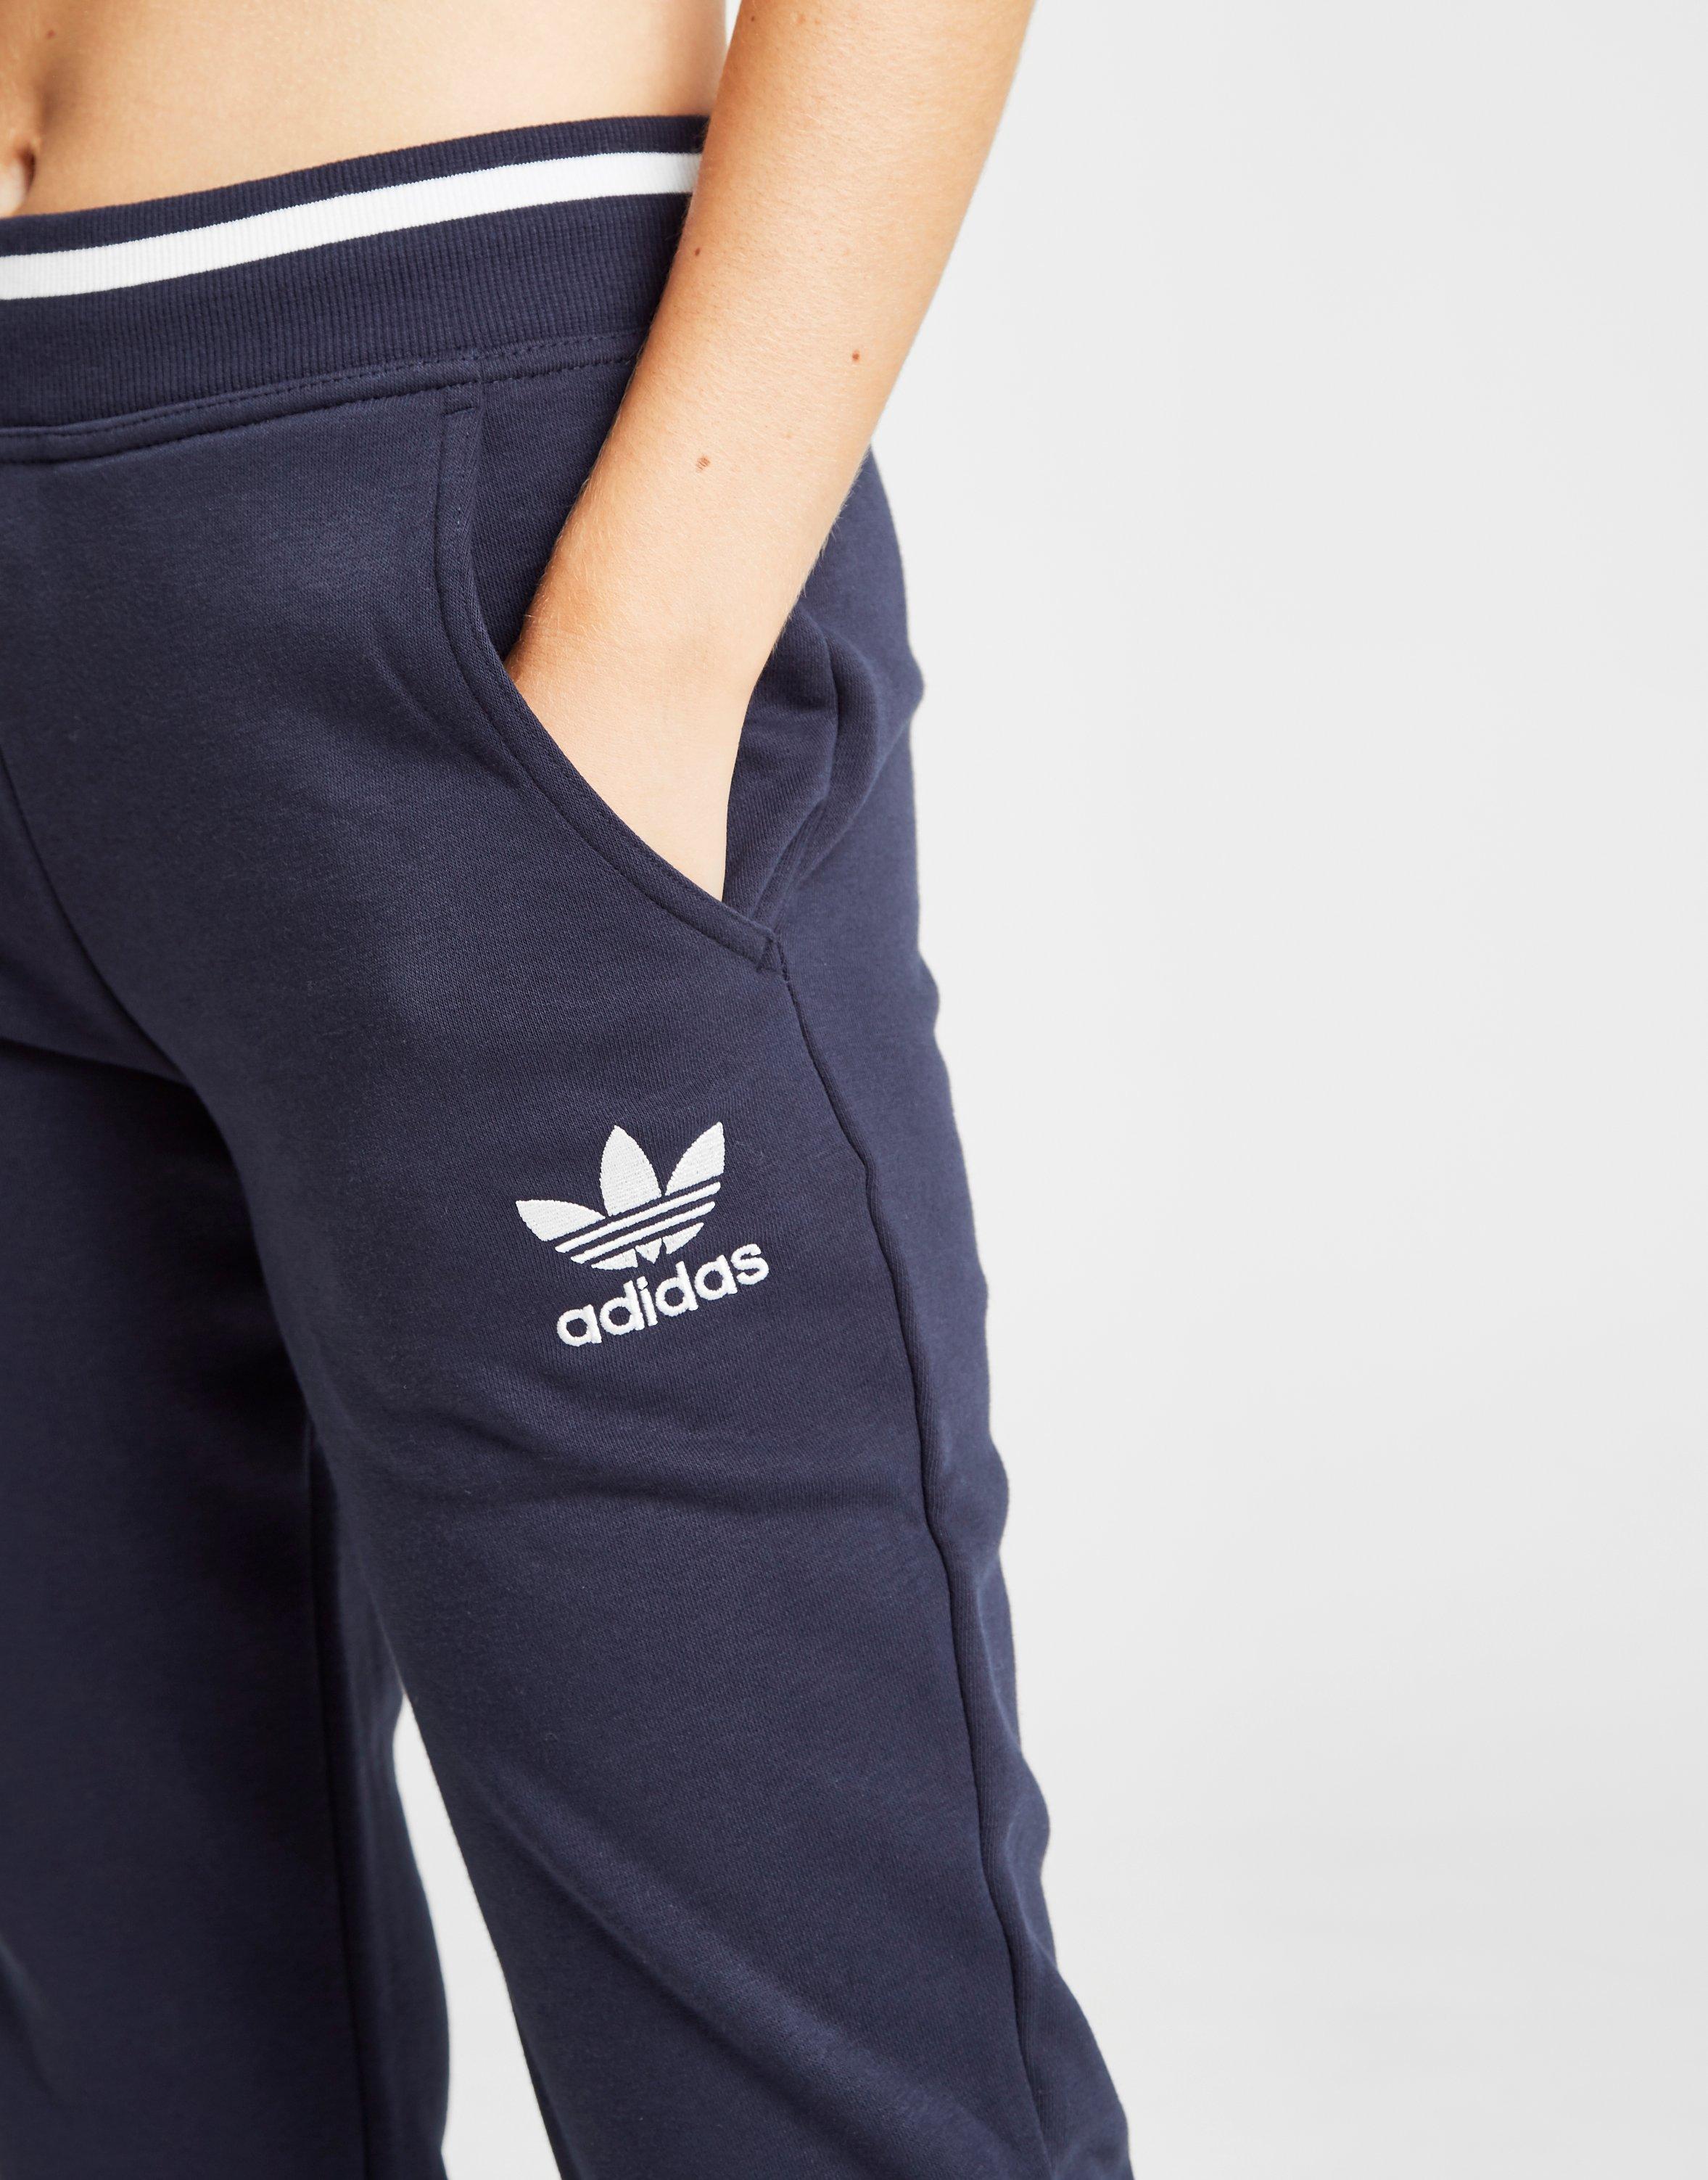 women's adidas fleece track pants